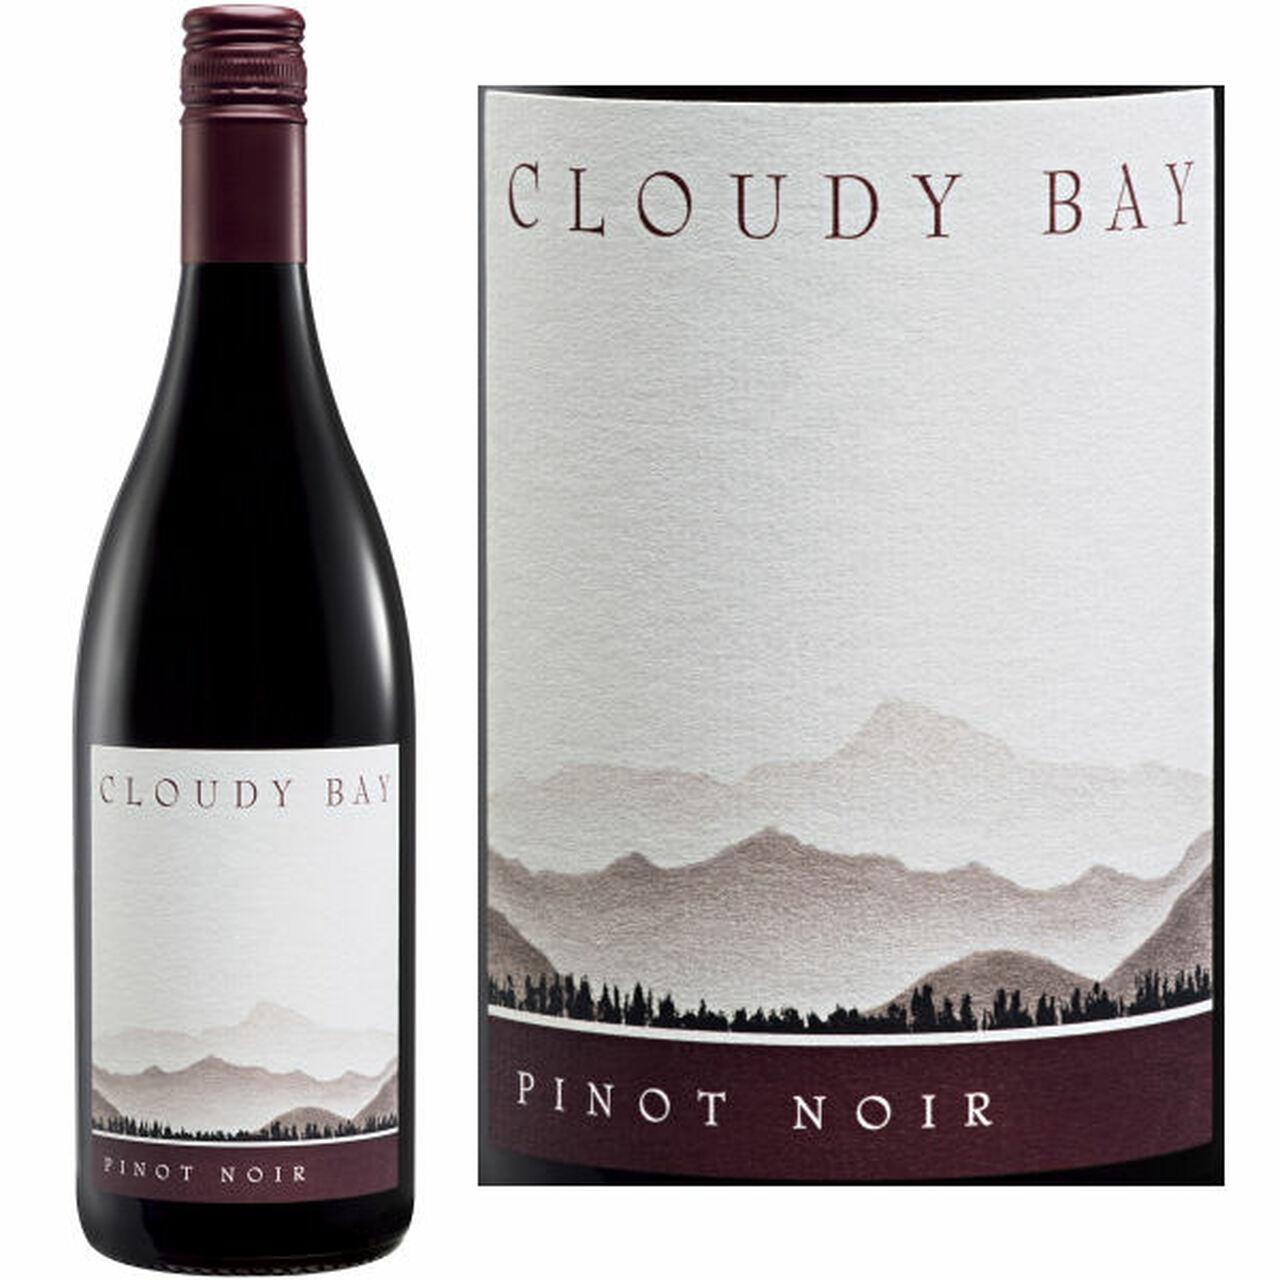 Cloudy Bay Pinot Noir 2014 750ml